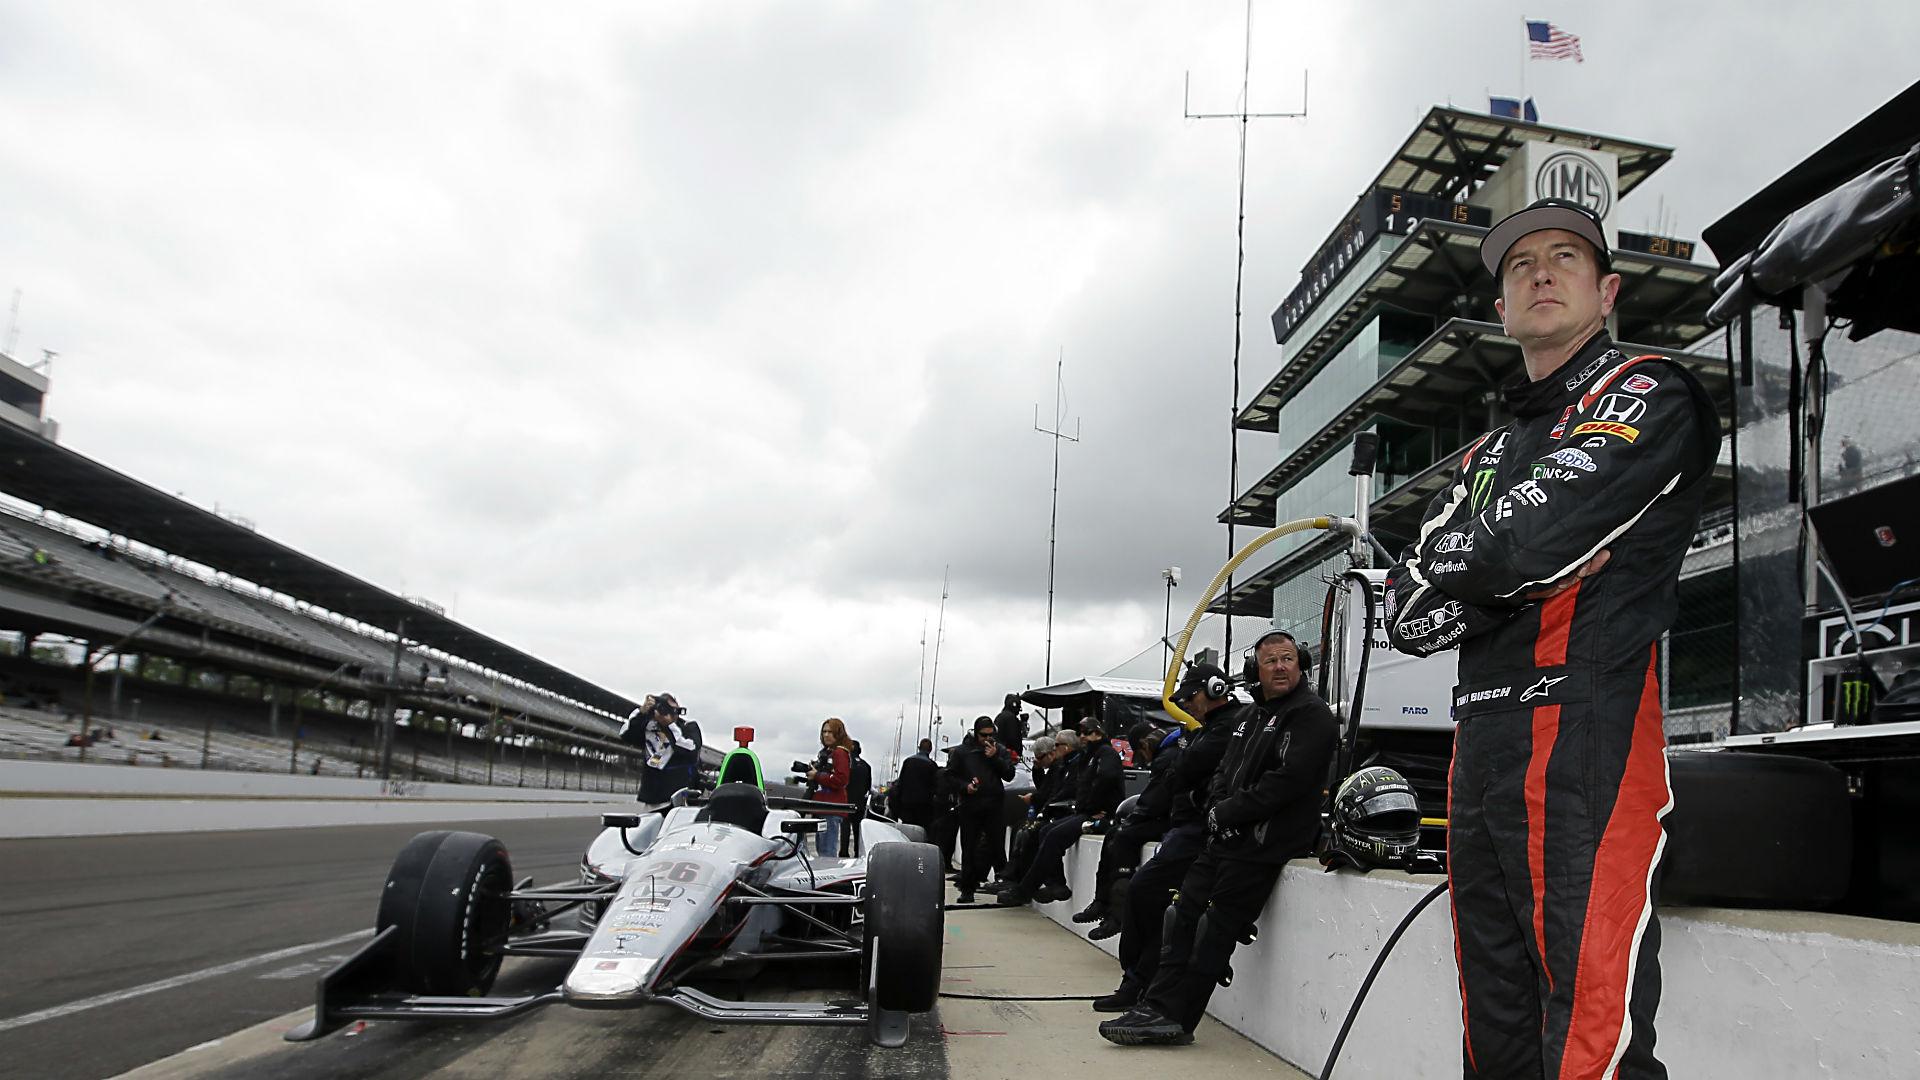 Kurt Busch-Indy 500-051714-AP-FTR.jpg